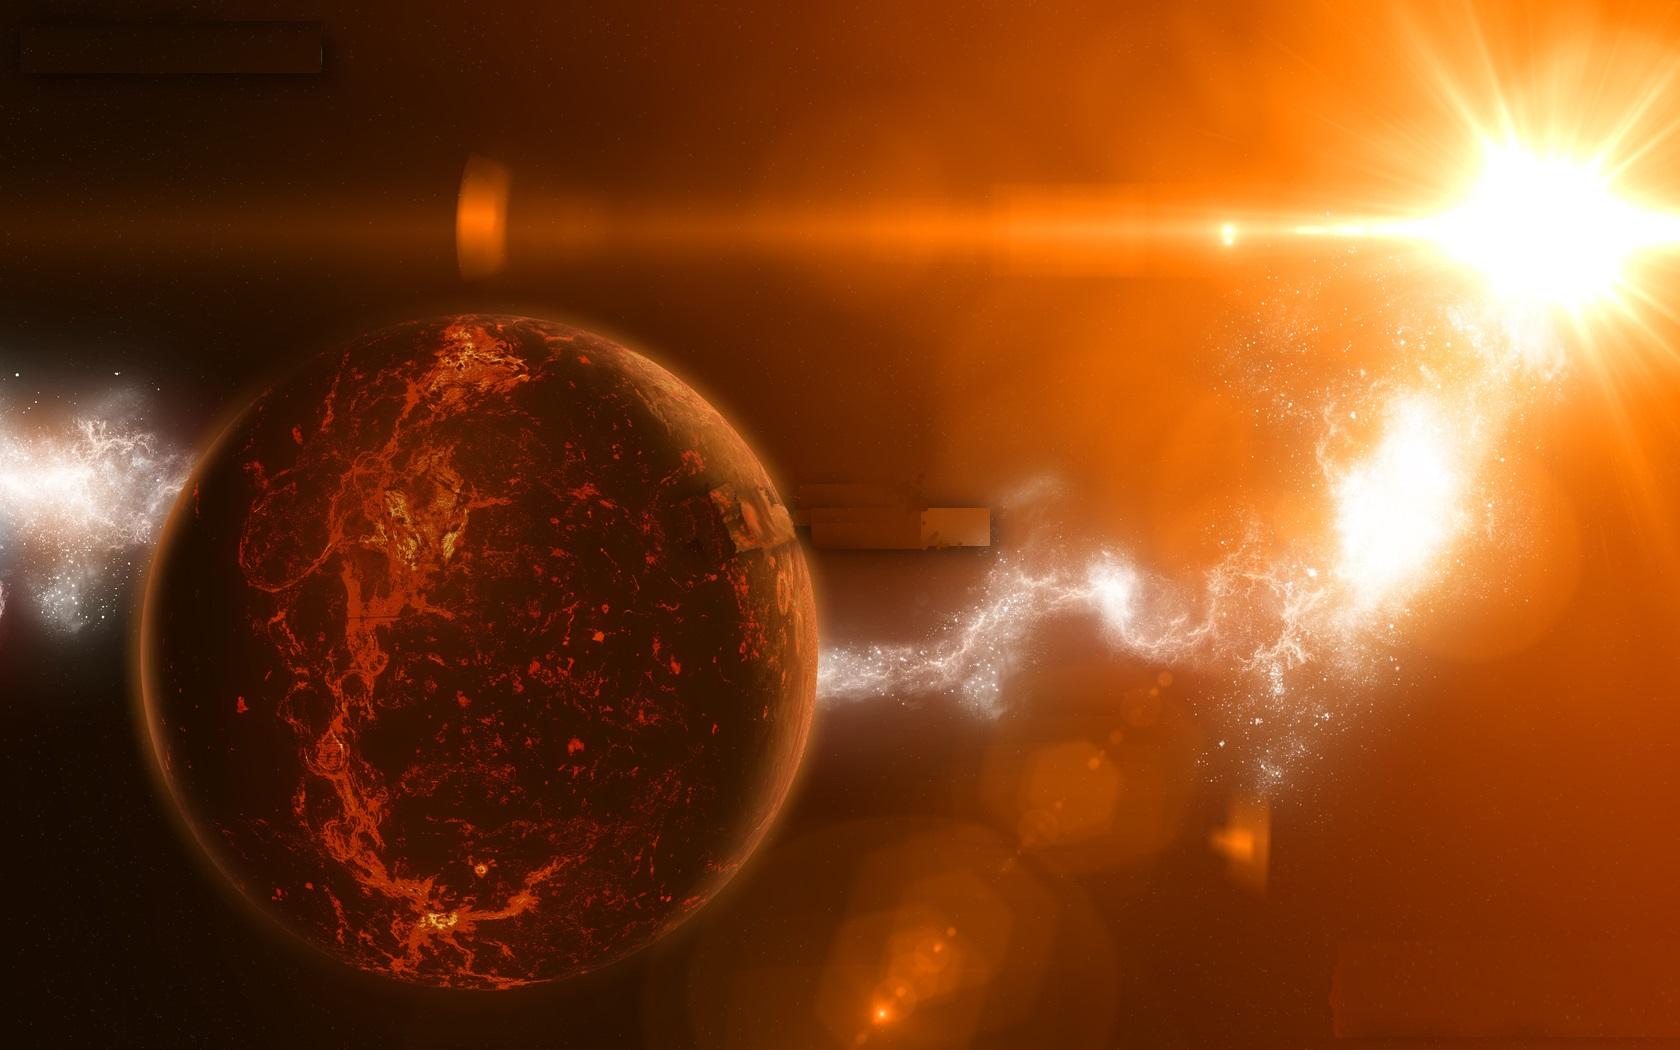 Planetas_estrella_Tendril.jpg